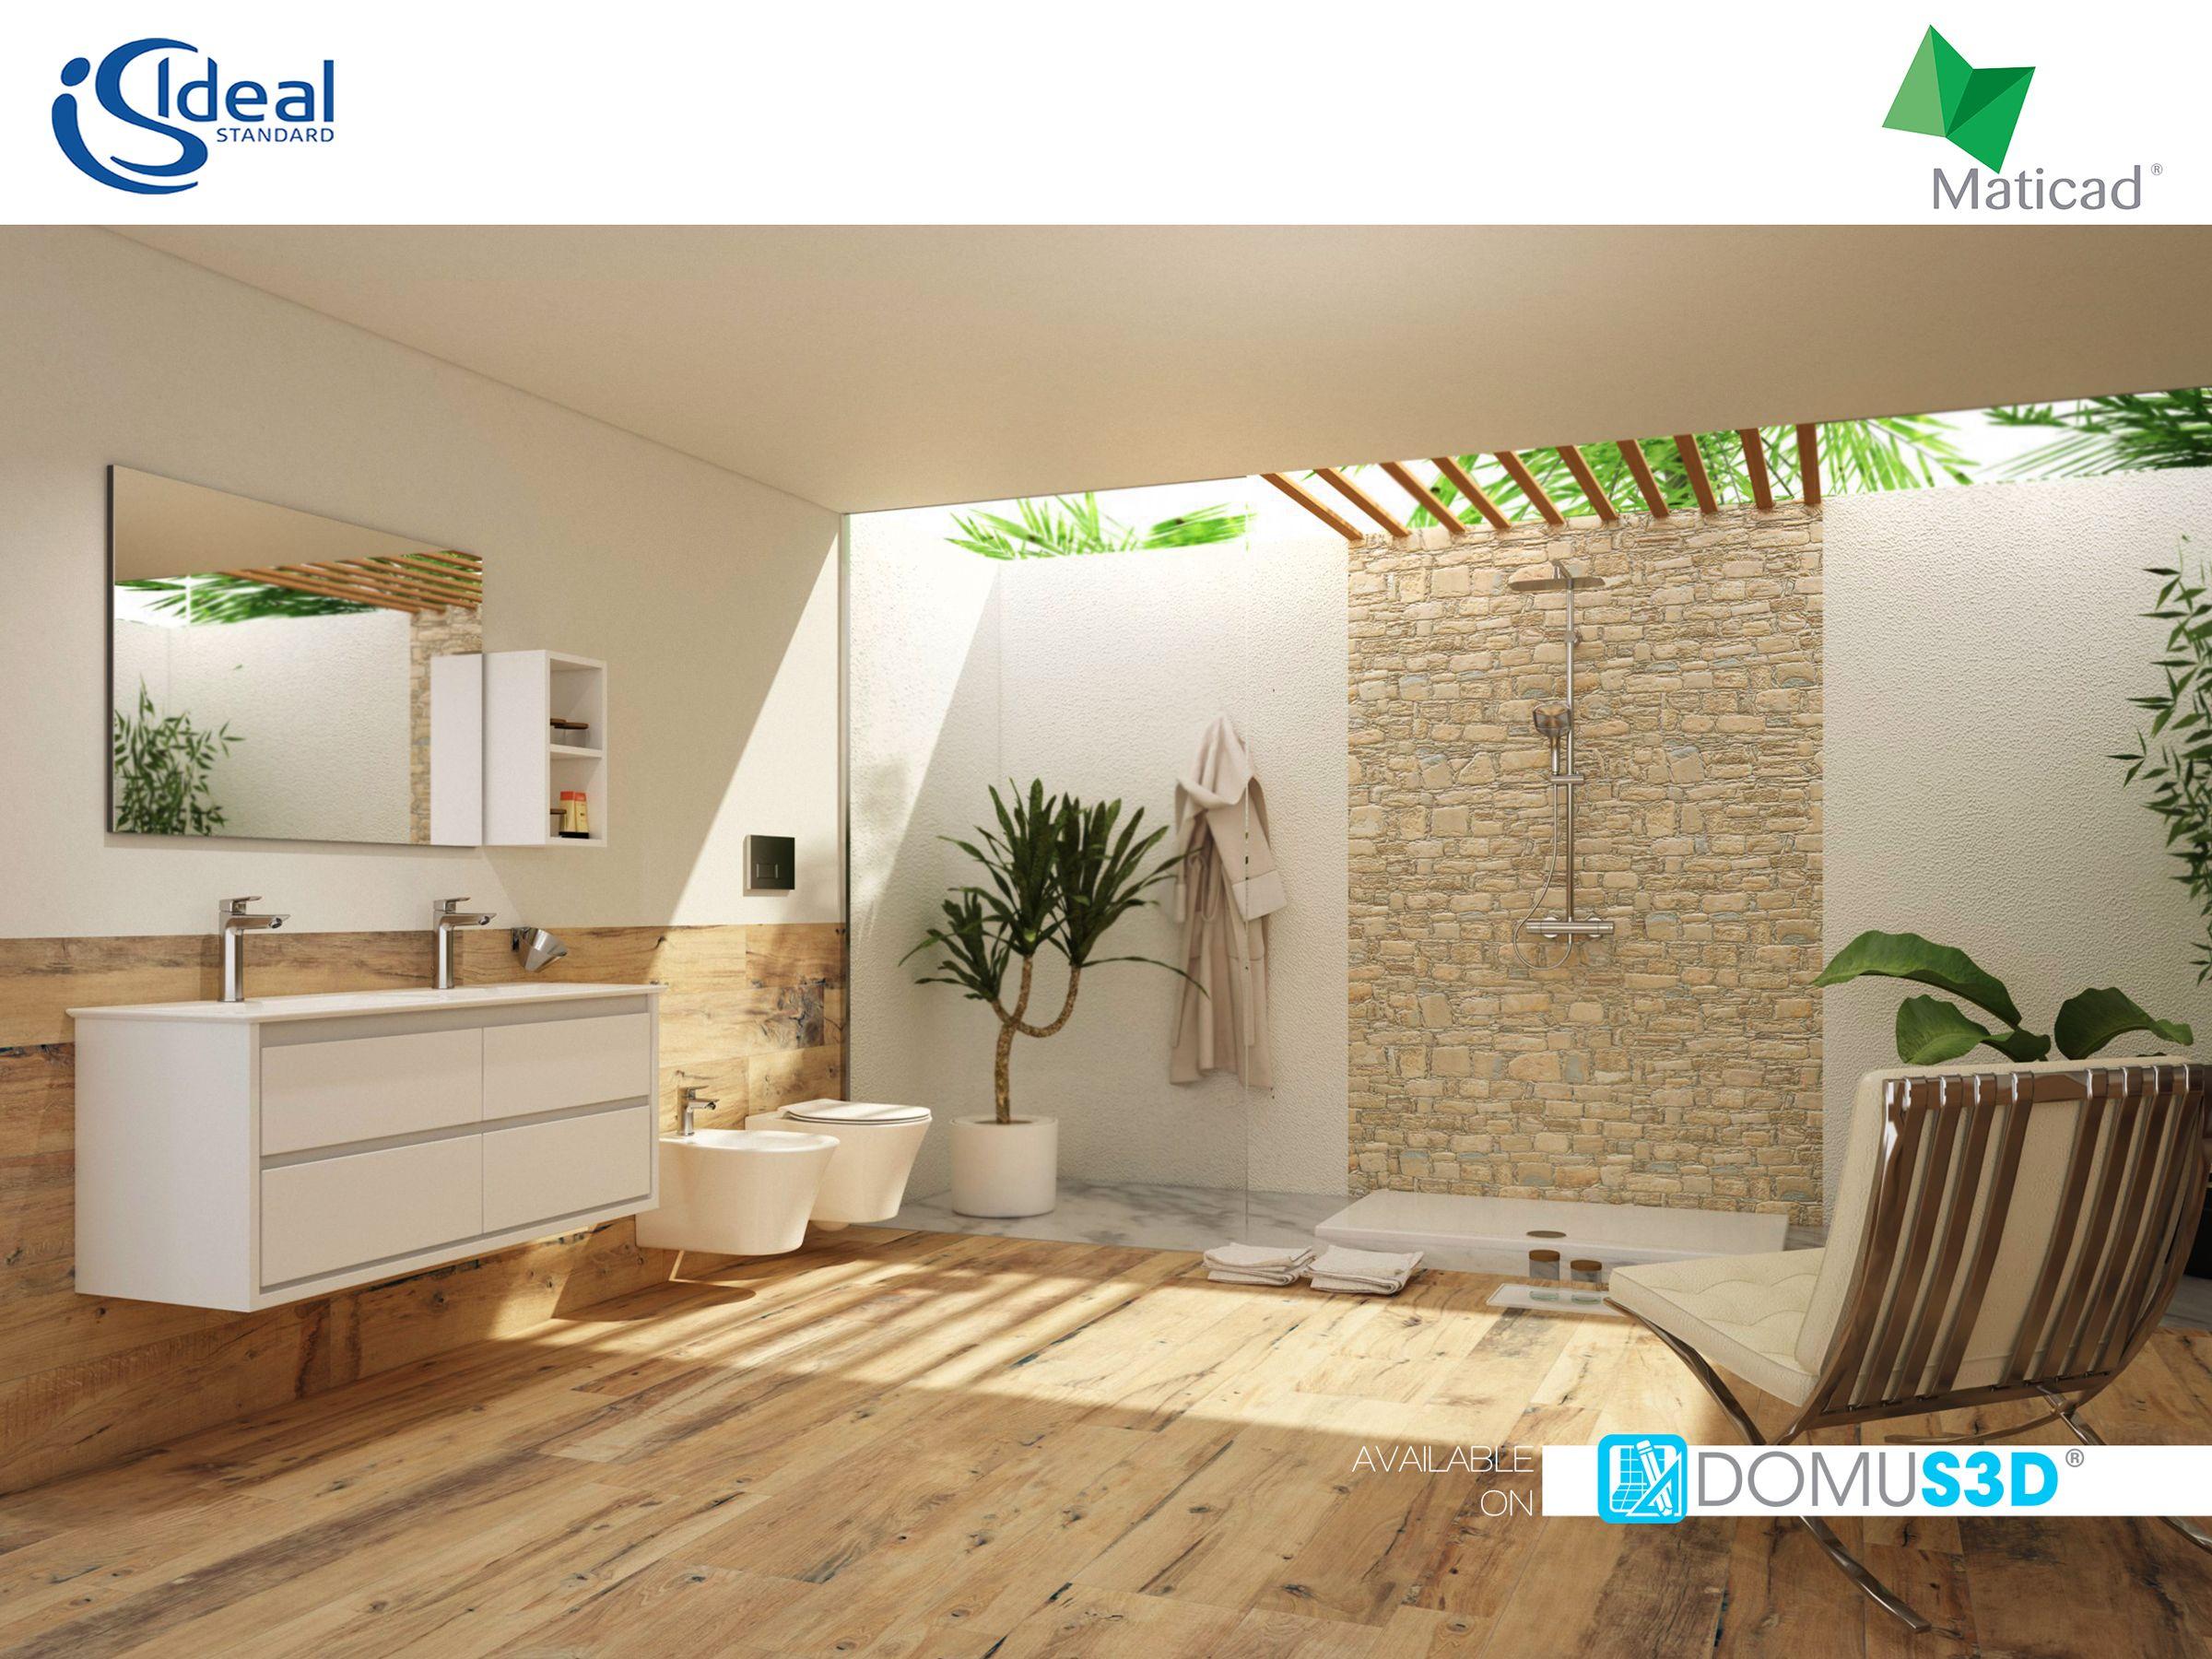 Salle De Bain Kramer ~ ideal standard is domus3d partner domus3d bathroomdesign